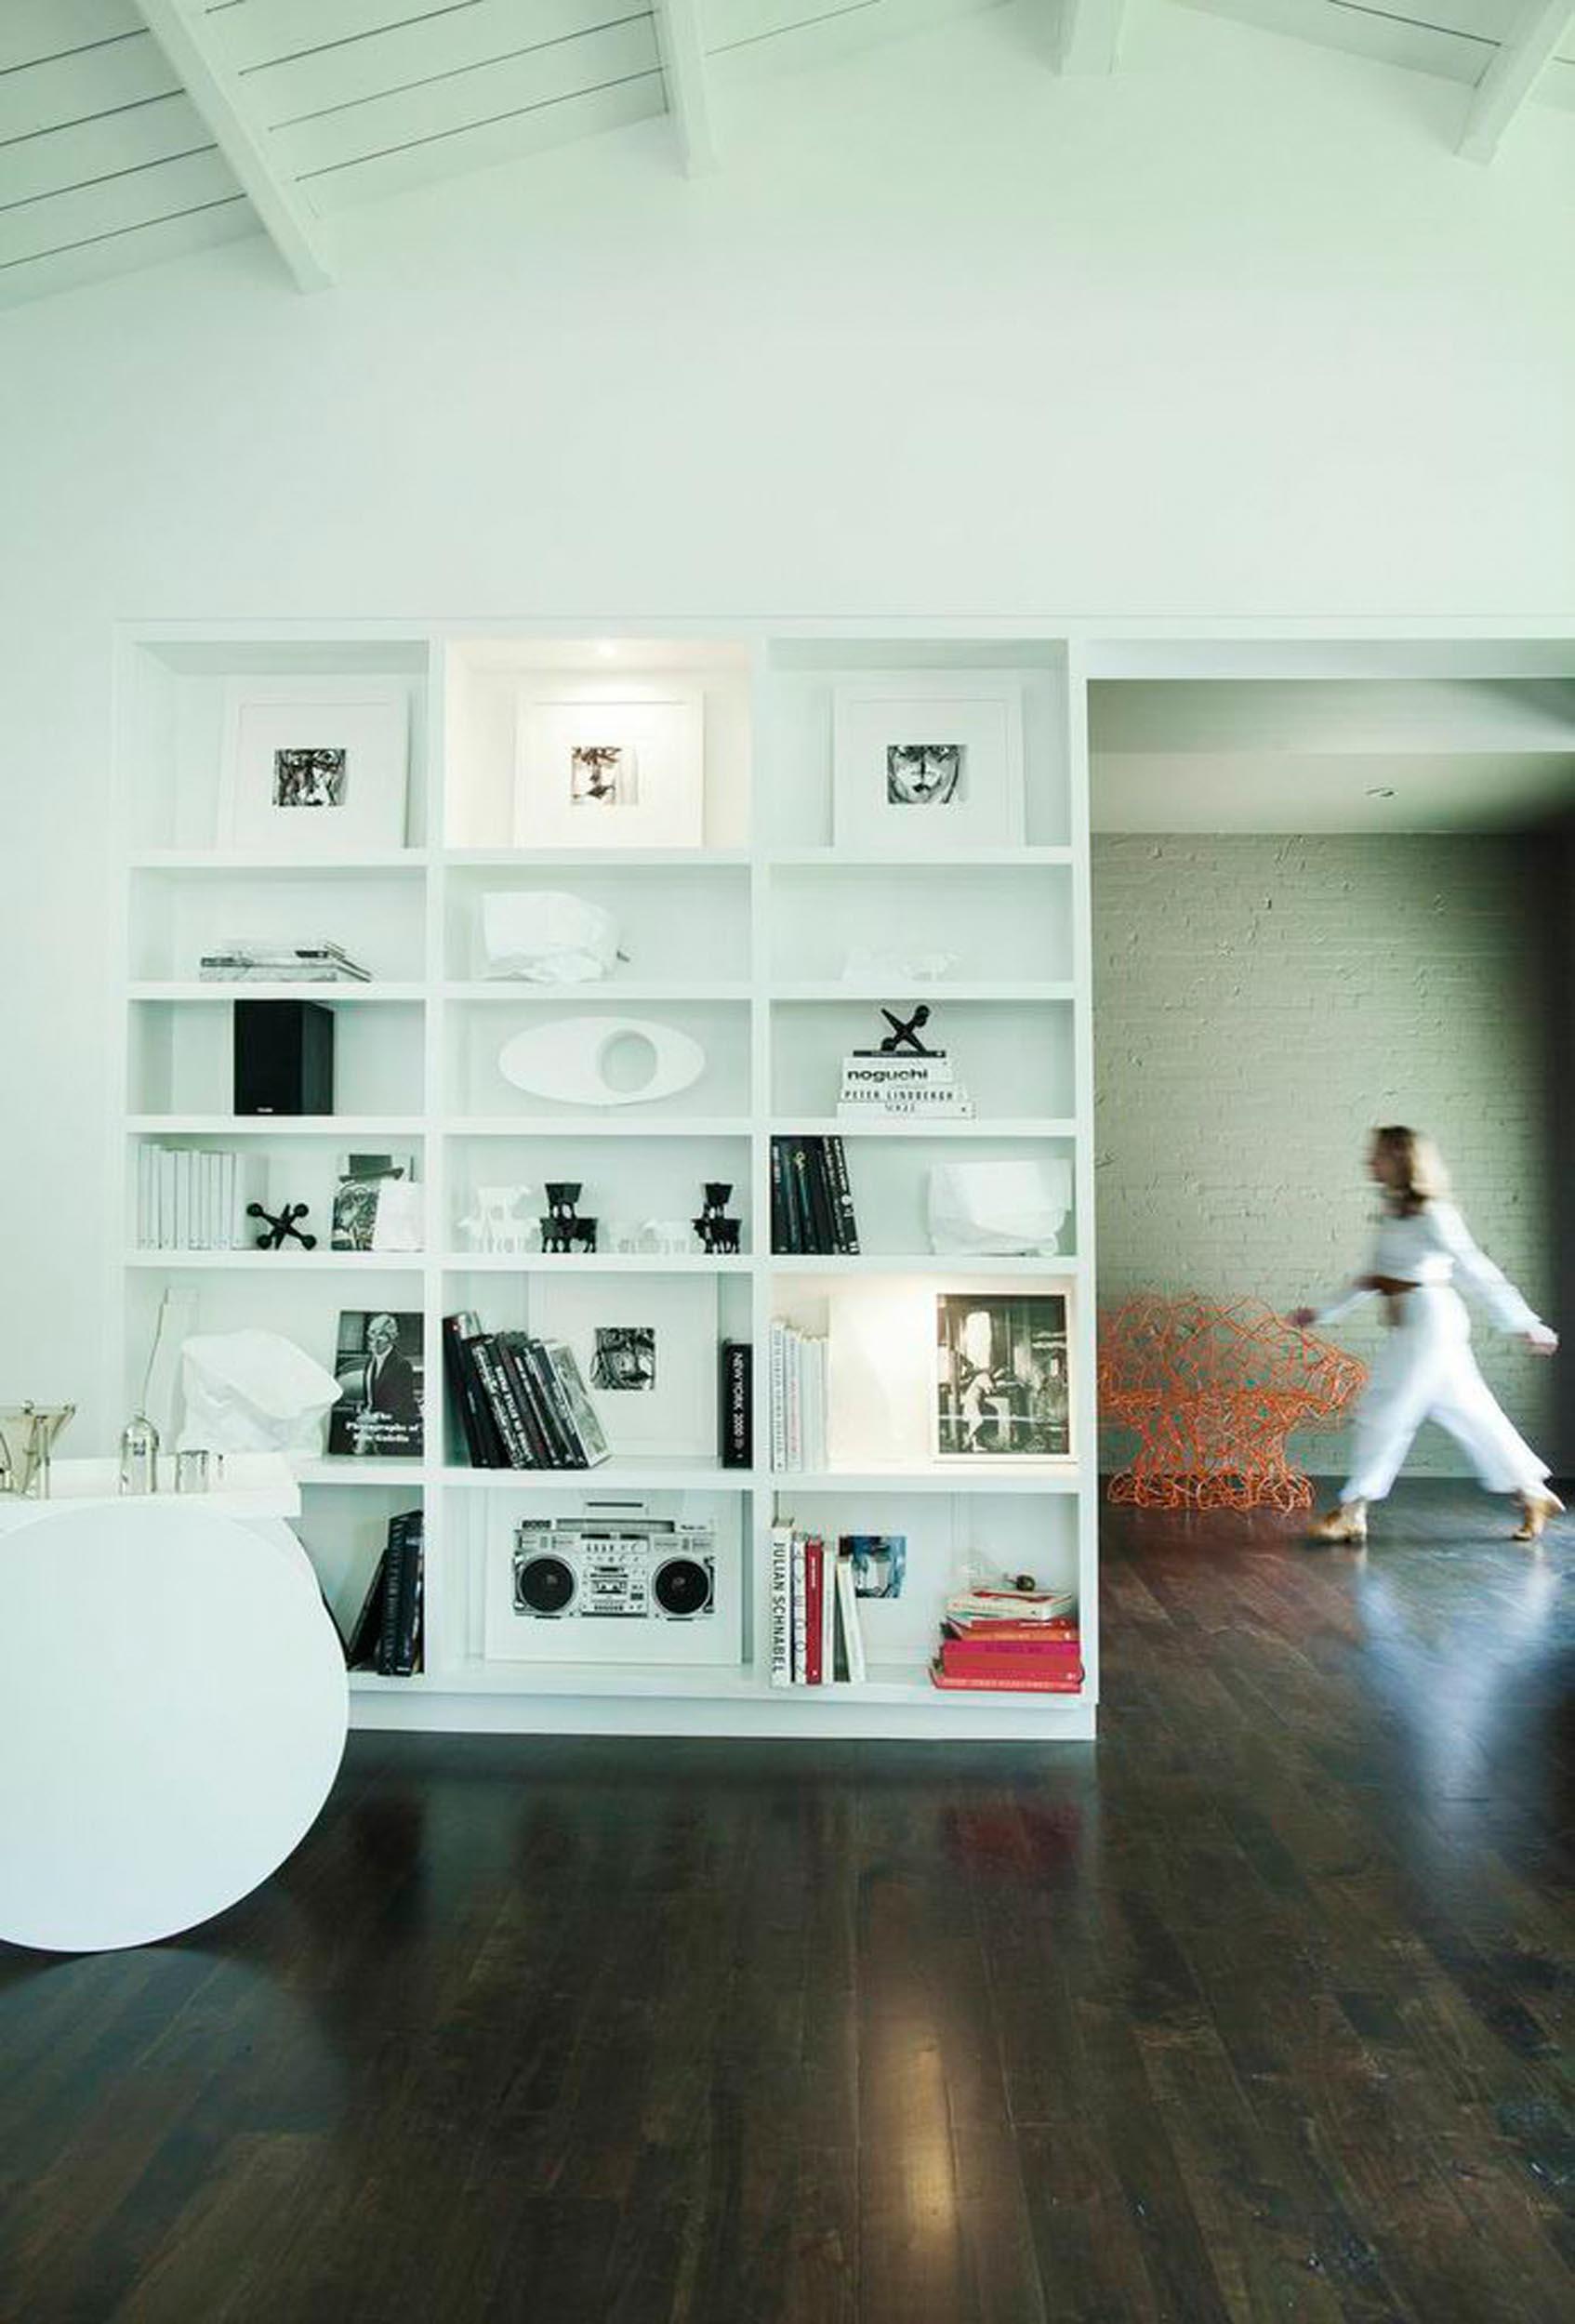 Leo_Designs_Chicago_interior_design_modern_traverse_city_transformation10.jpg